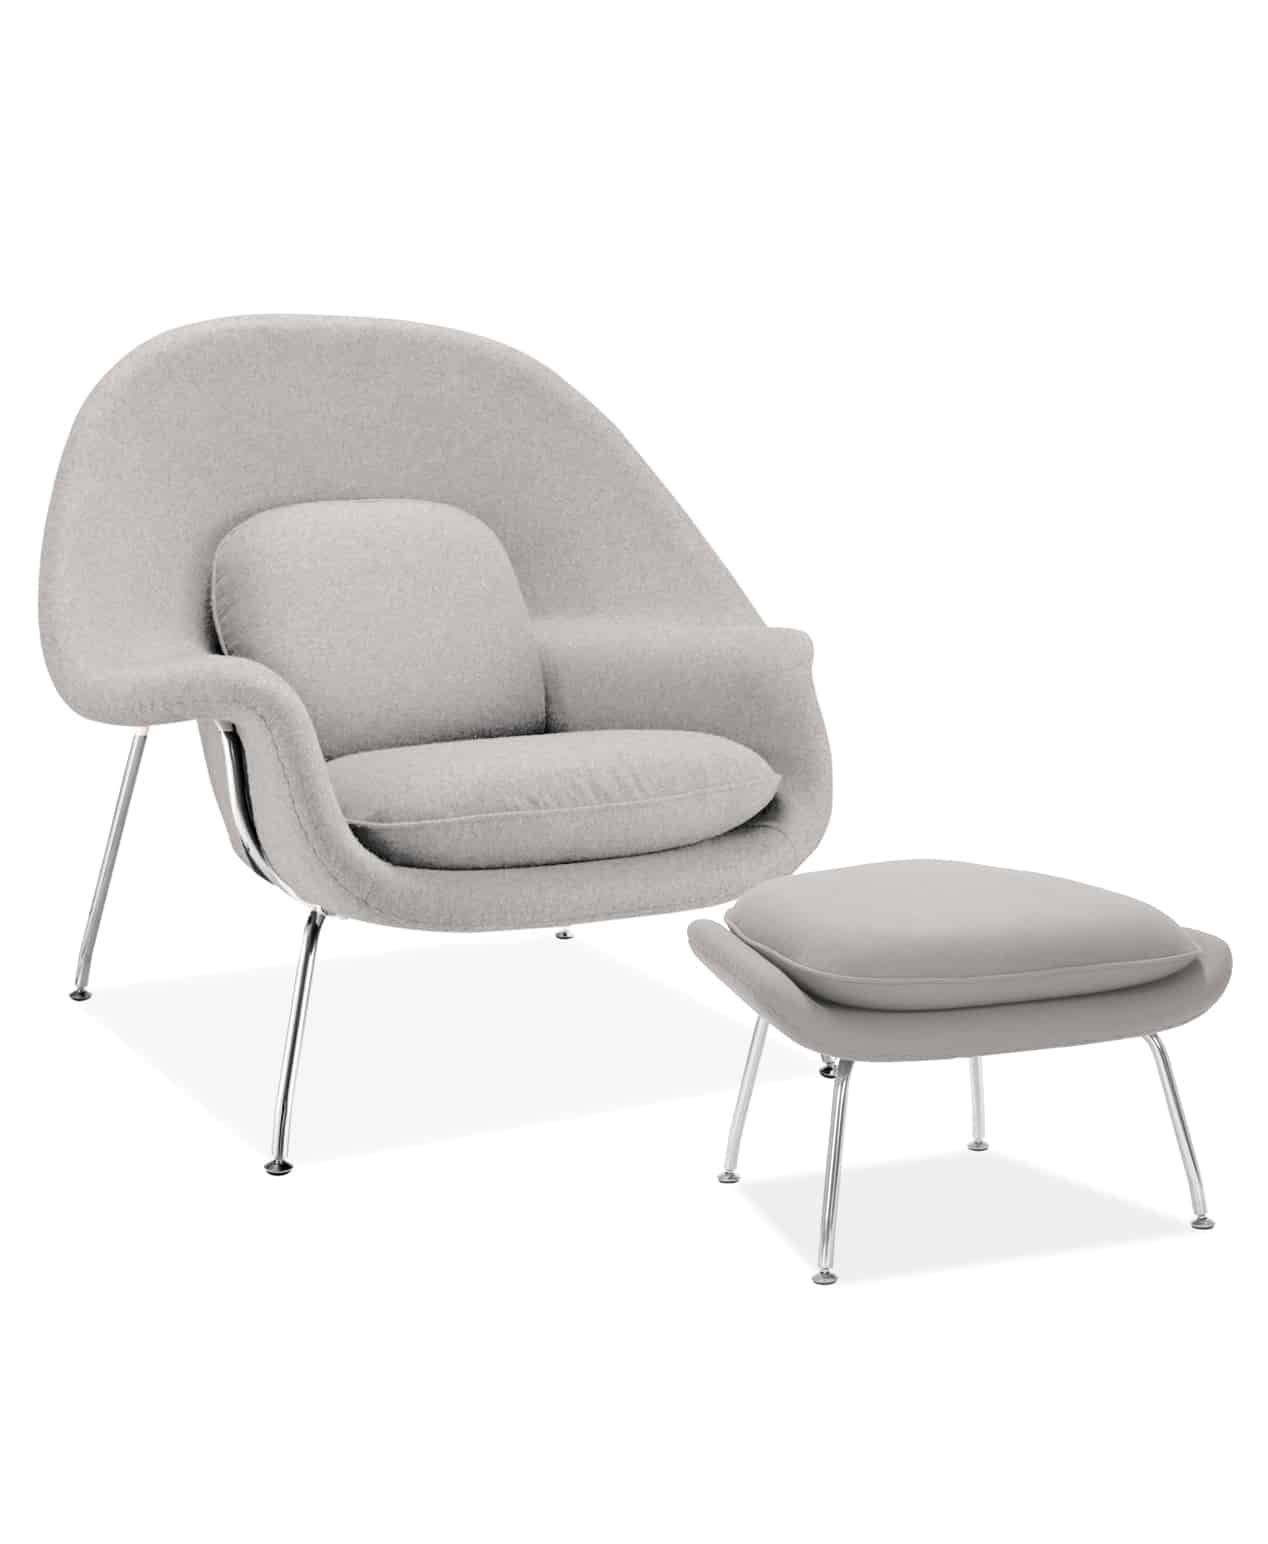 Premium eero saarinen womb chair replica bybespoek in